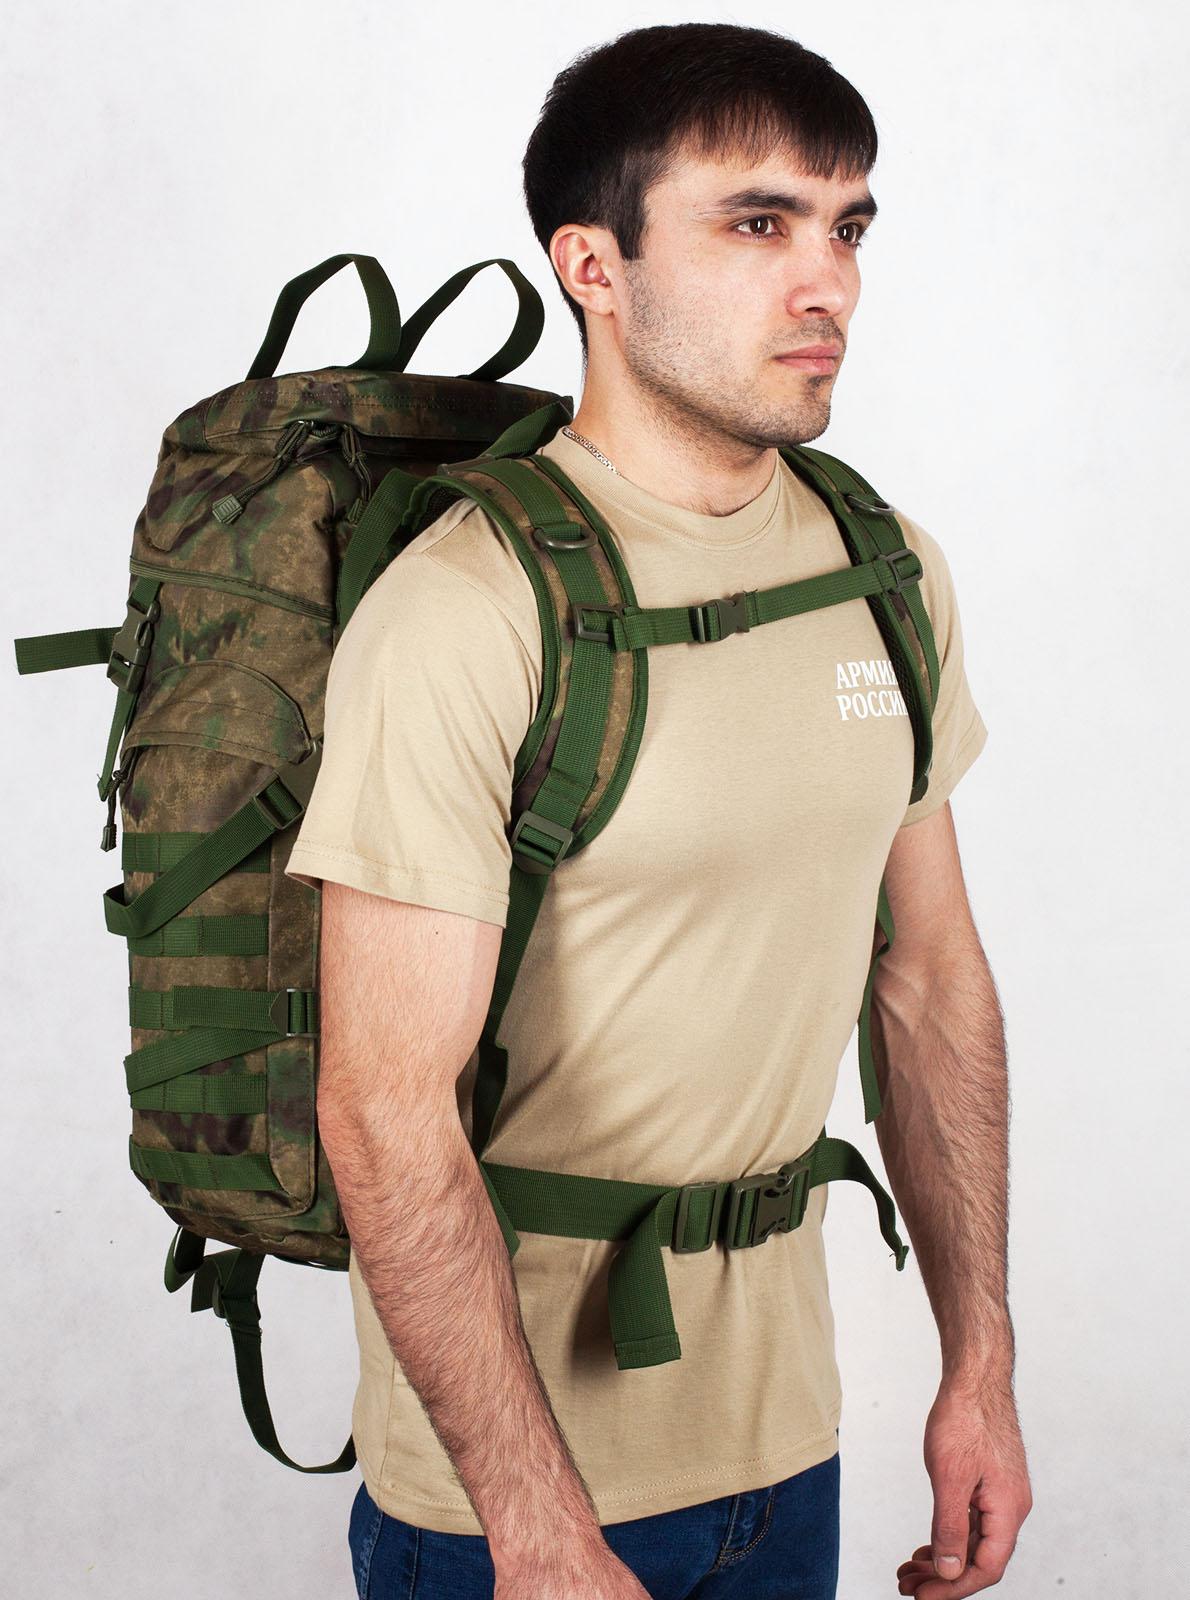 Армейский походный рюкзак камуфляж A-TACS FG с эмблемой РВСН - заказать с доставкой